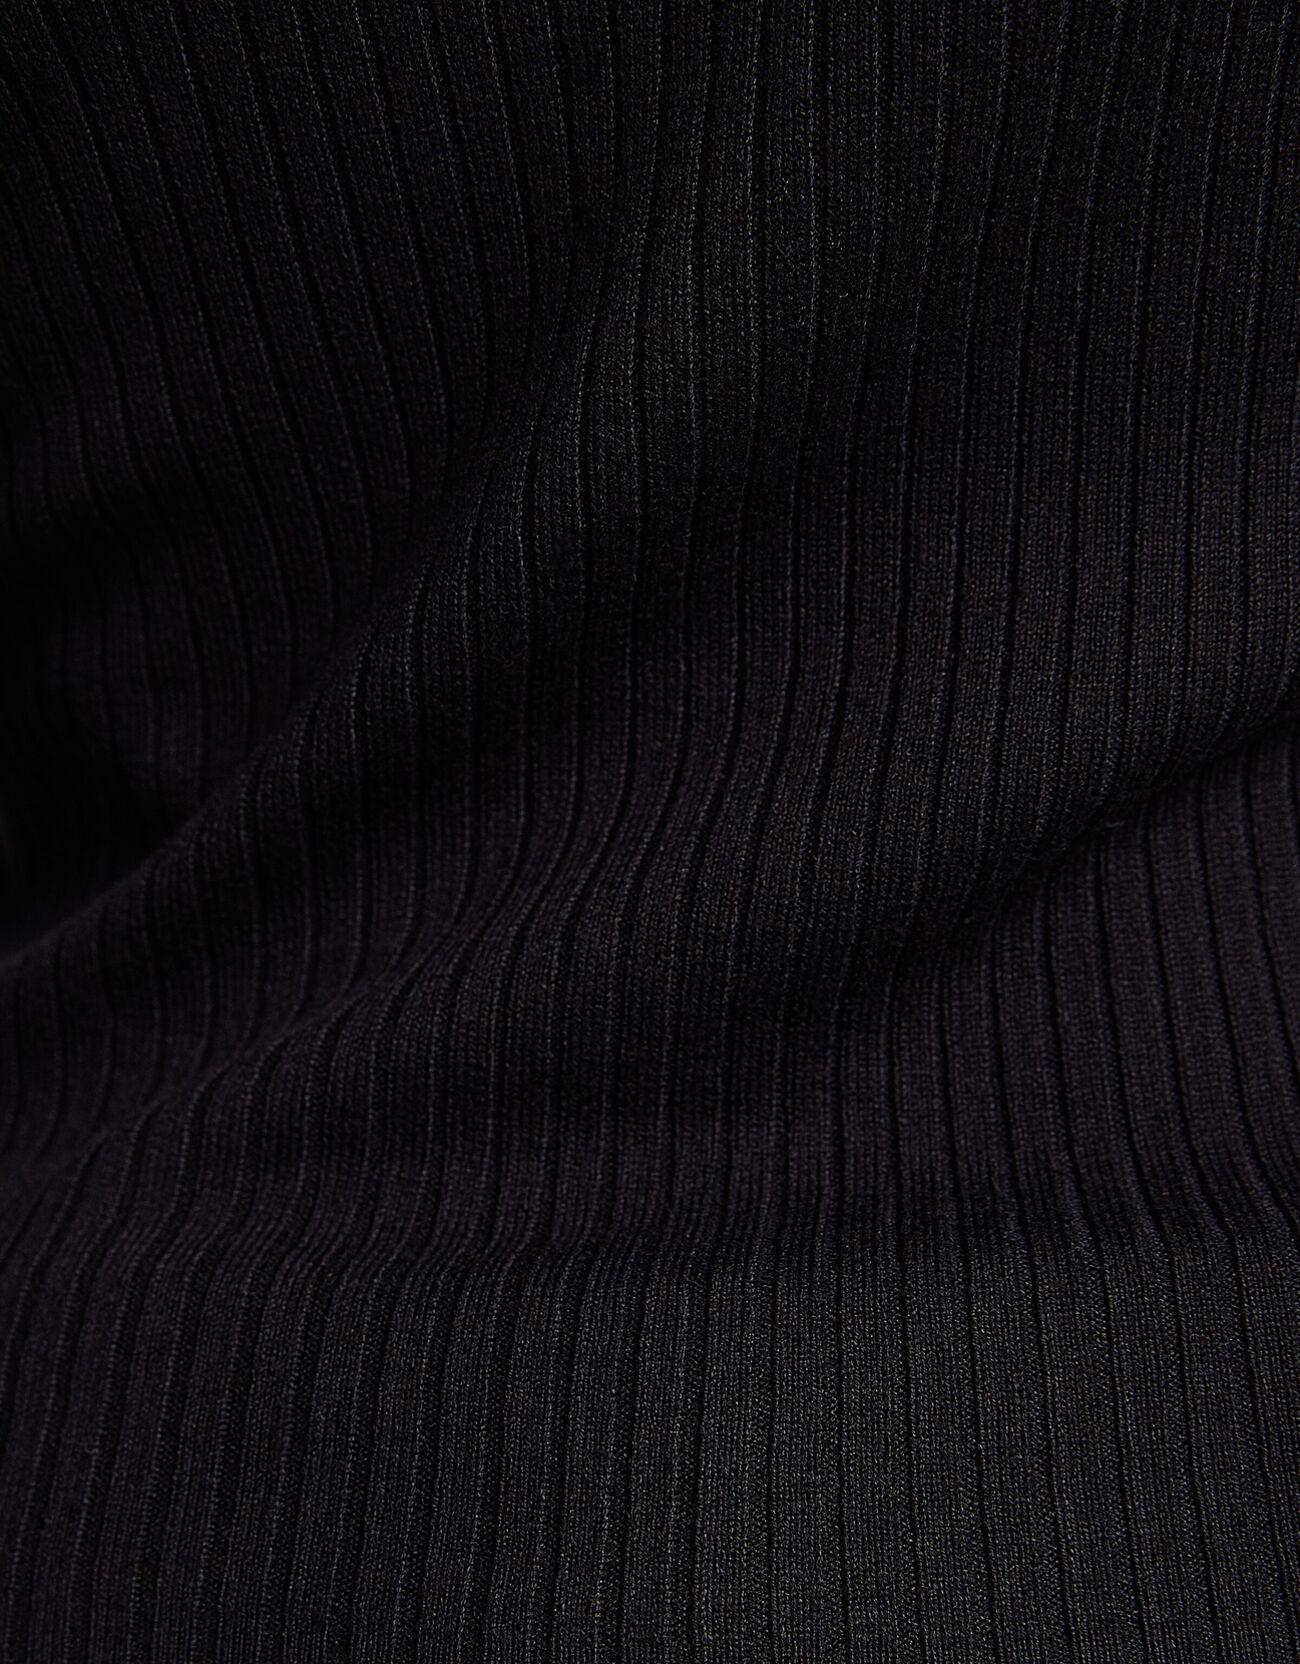 Свитер с высоким воротником и отделкой в рубчик Черный Bershka